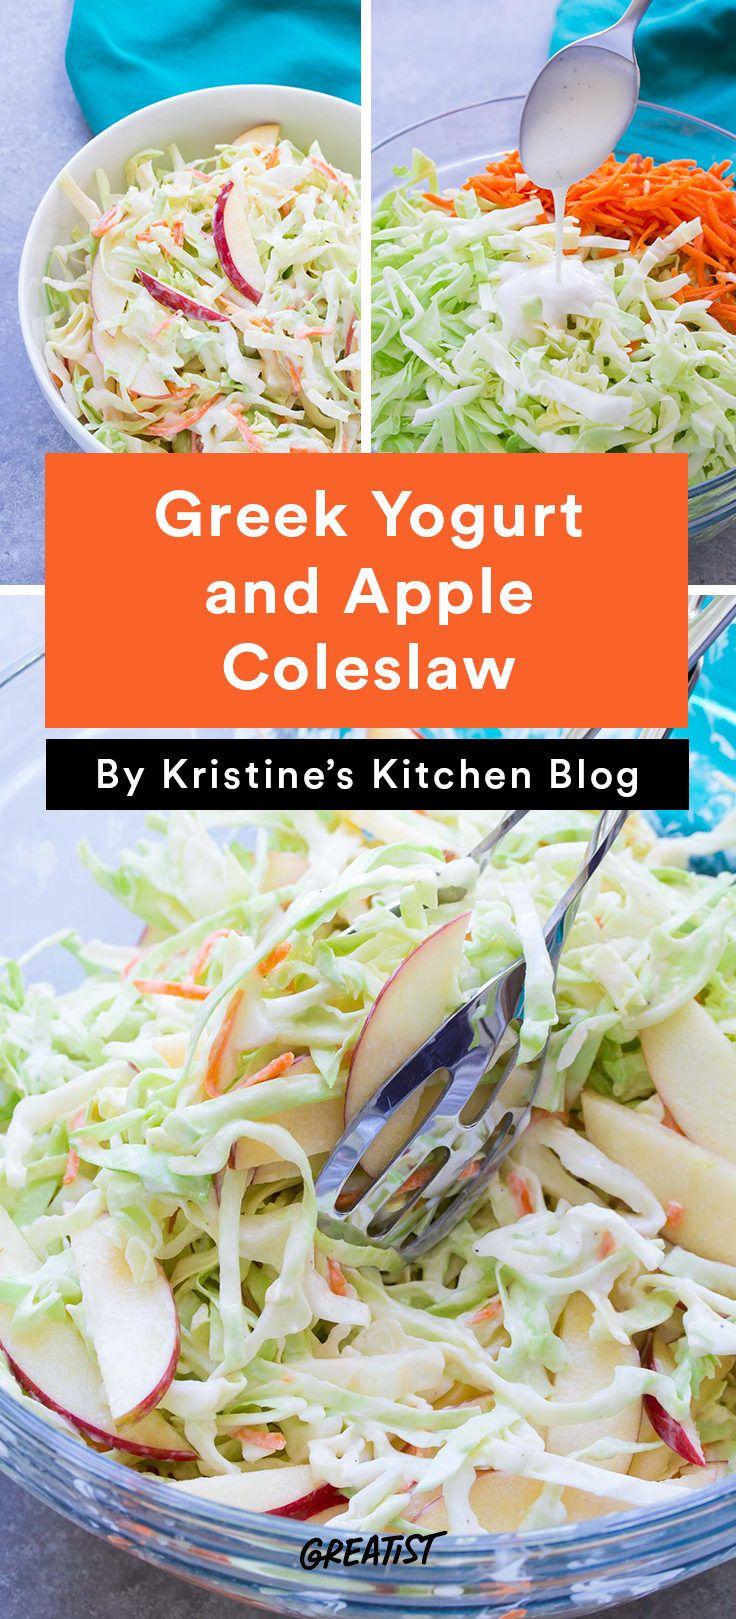 2. Greek Yogurt and Apple Coleslaw  #greatist http://greatist.com/eat/mayo-free-coleslaw-recipes